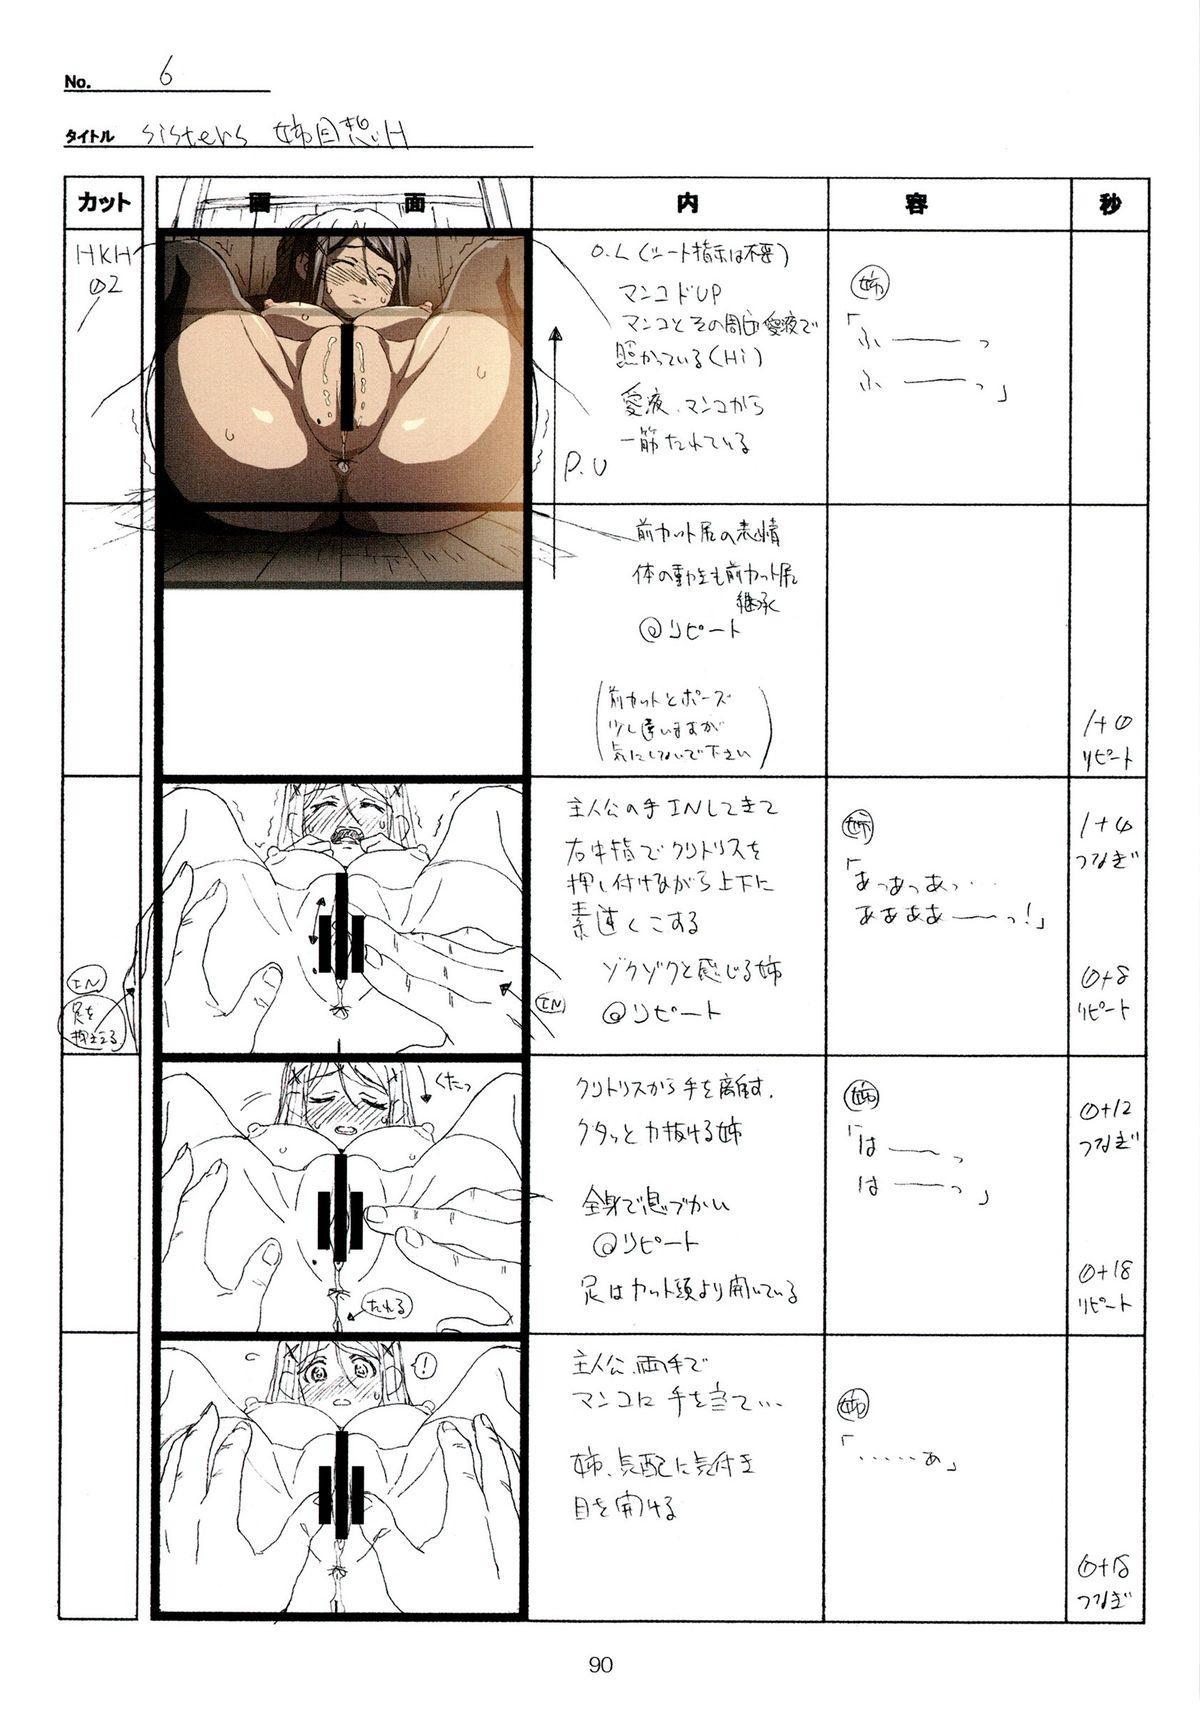 (C89) [Makino Jimusho (Taki Minashika)] SISTERS -Natsu no Saigo no Hi- H Scene All Part Storyboard (SISTERS -Natsu no Saigo no Hi-) 89